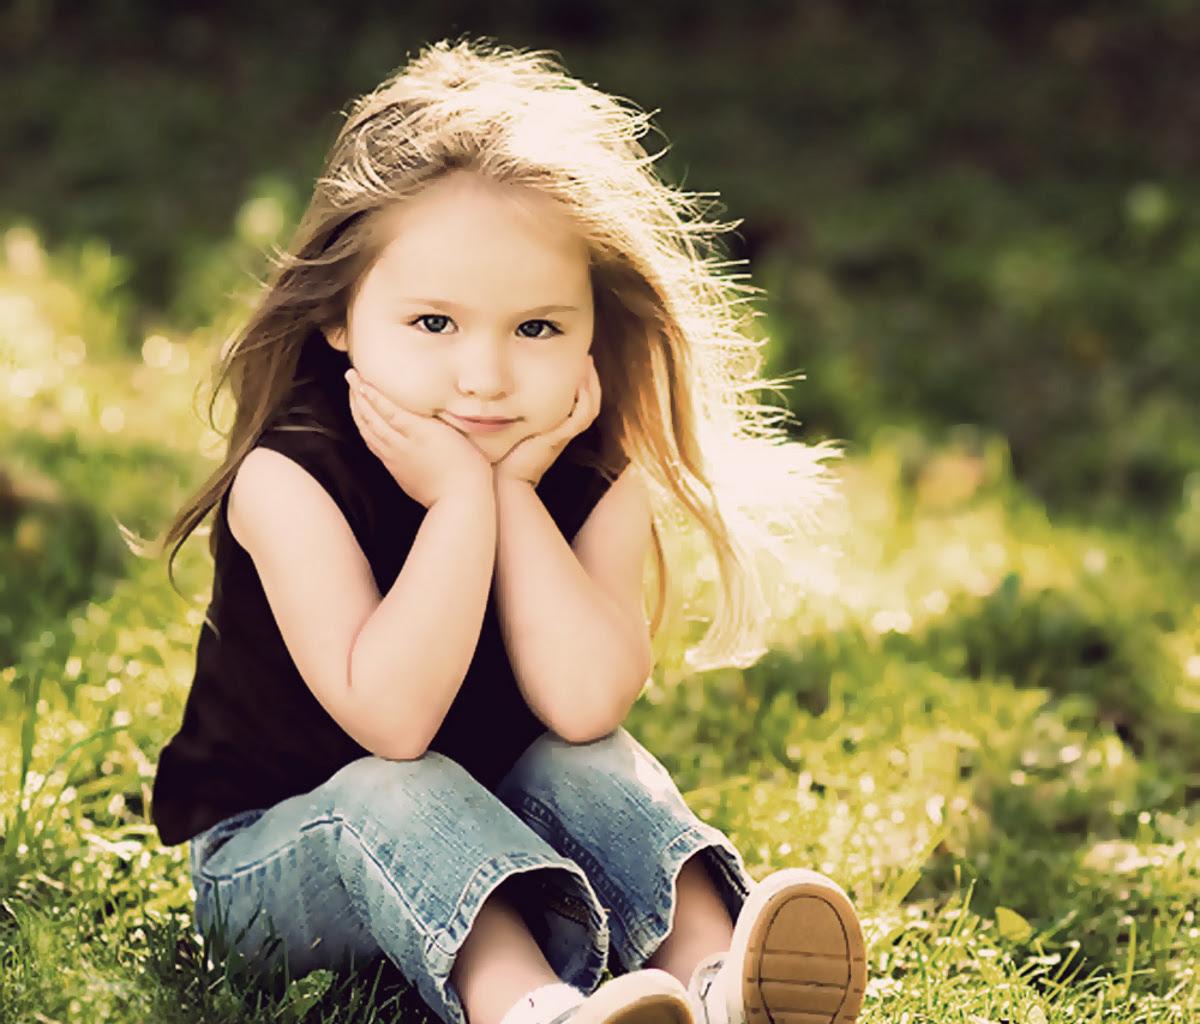 Sweet Baby Hd Wallpapers Deepbrar Photo 39366061 Fanpop